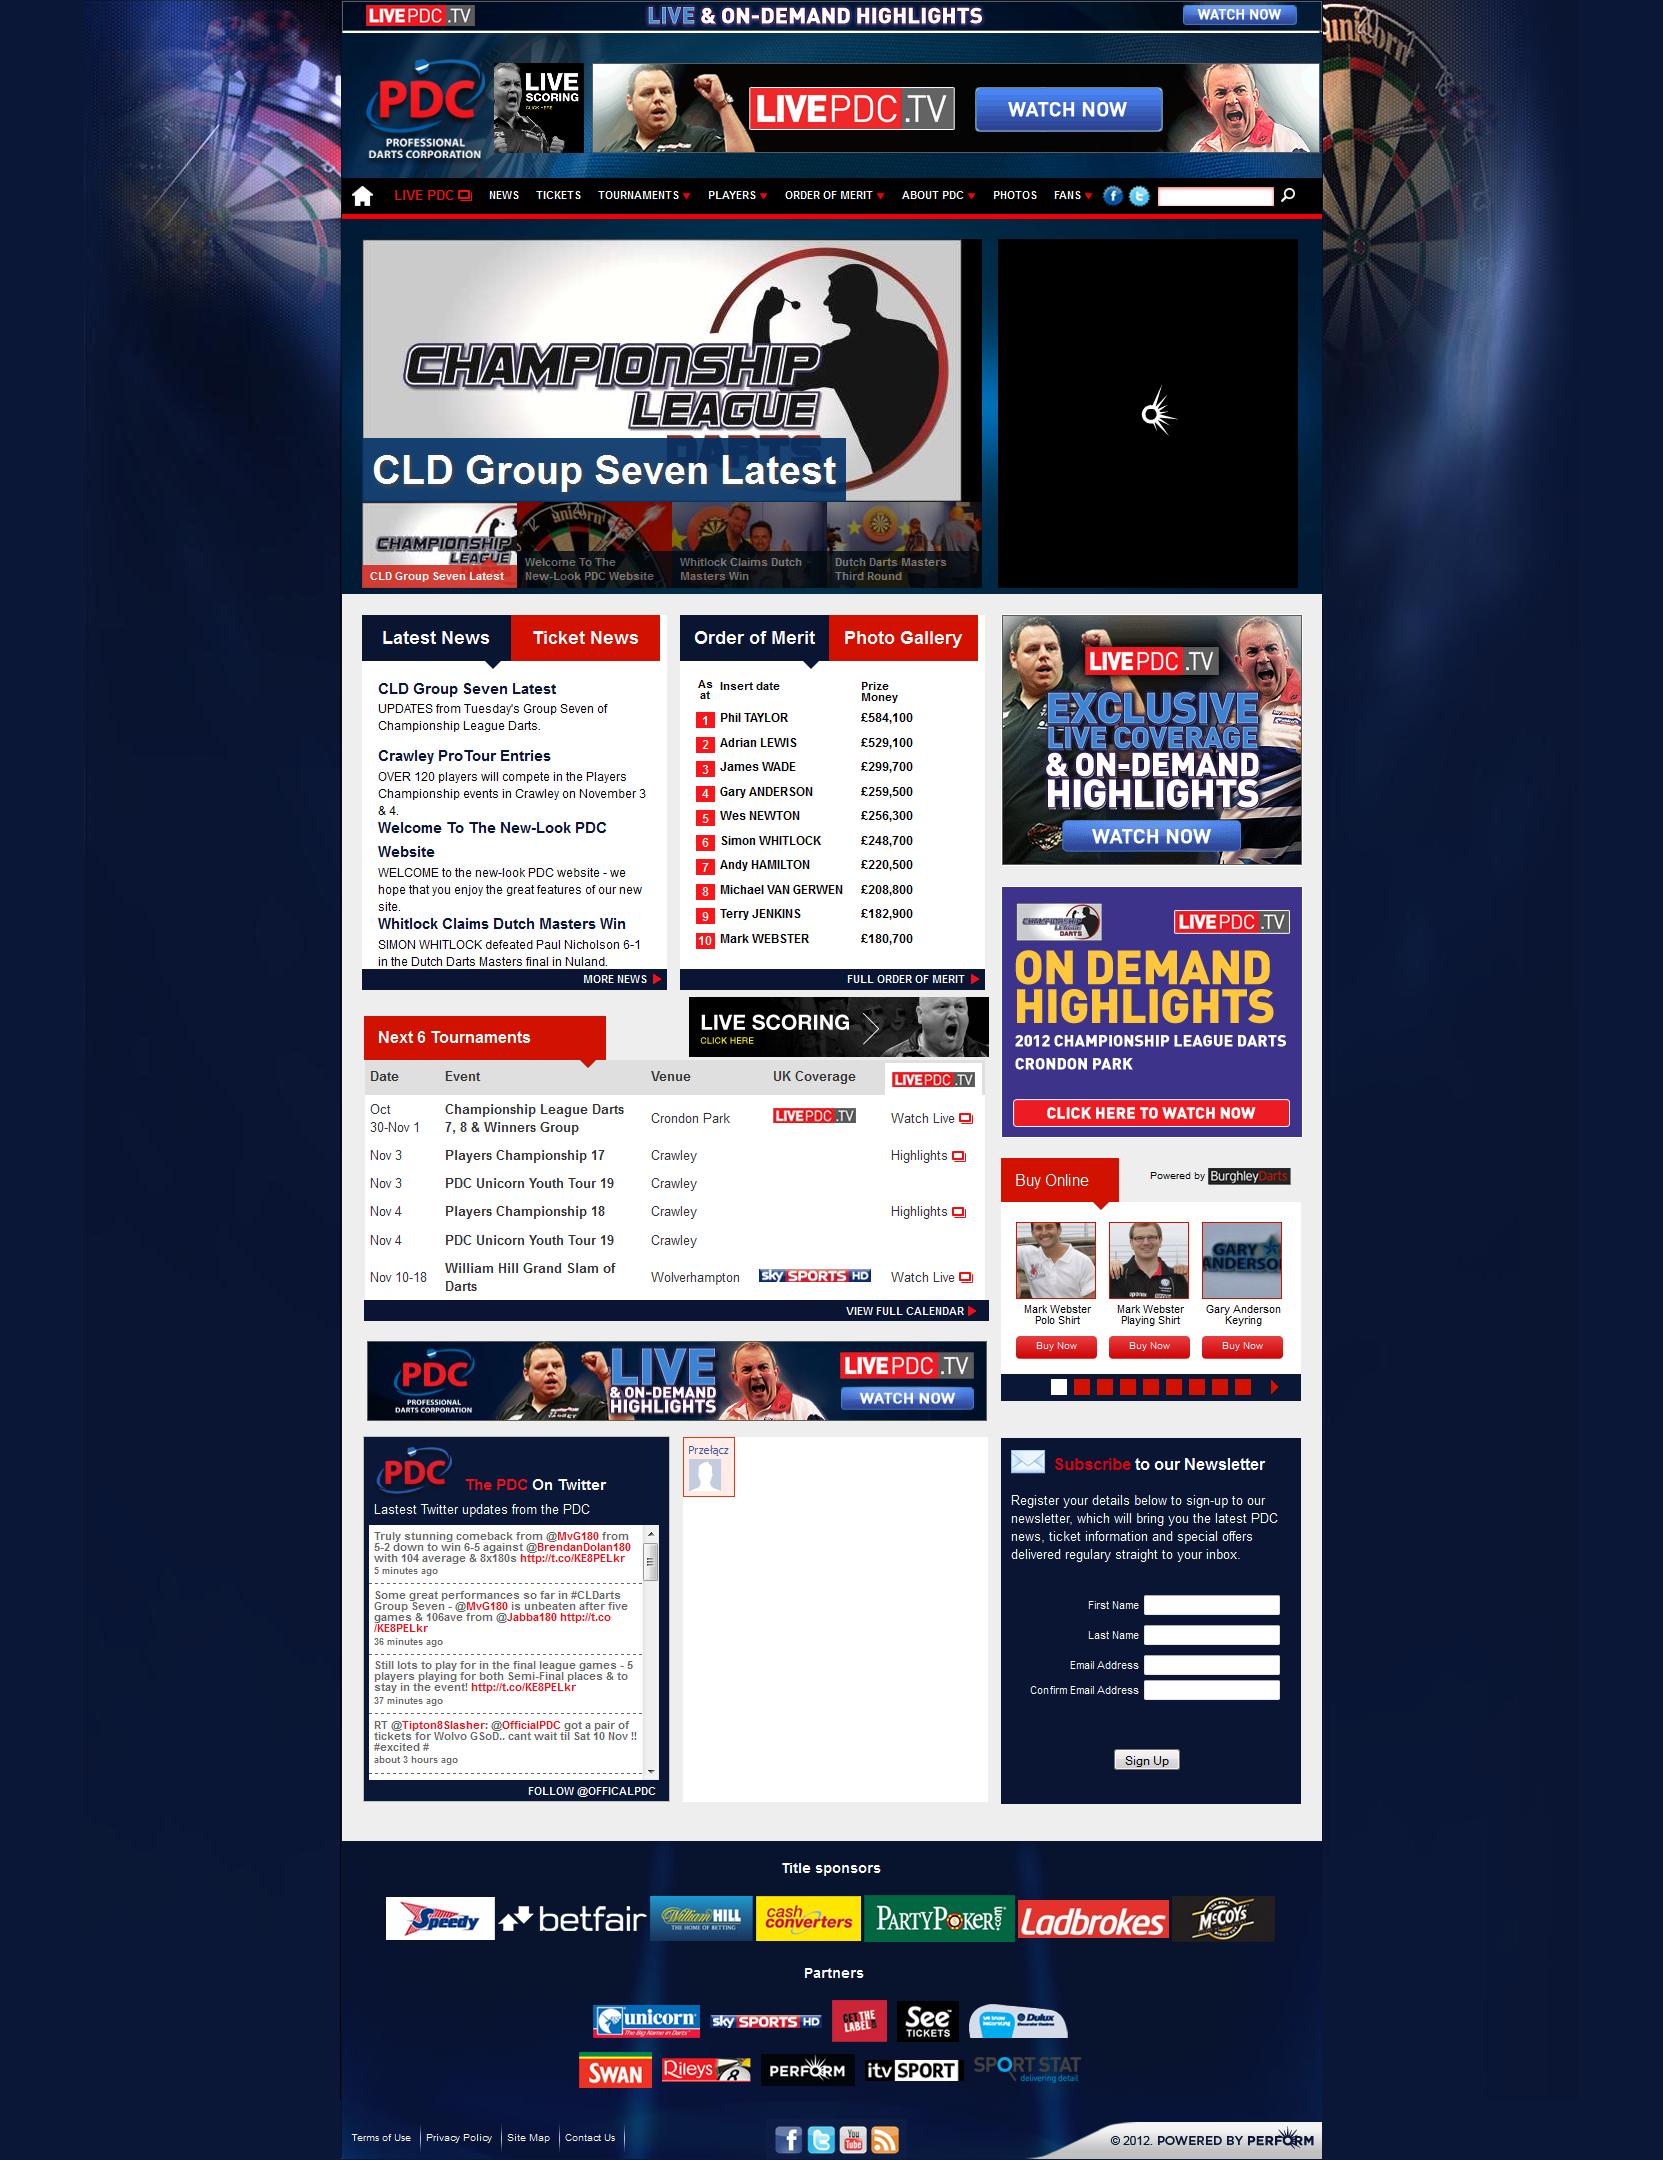 Dzisiaj zmieniła się strona darterskiej organizacji PDC: http://www.pdc.tv/home Zmiana w moim odczuciu zdecydowanie na plus. Oto, jak wygląda nowa wersja: